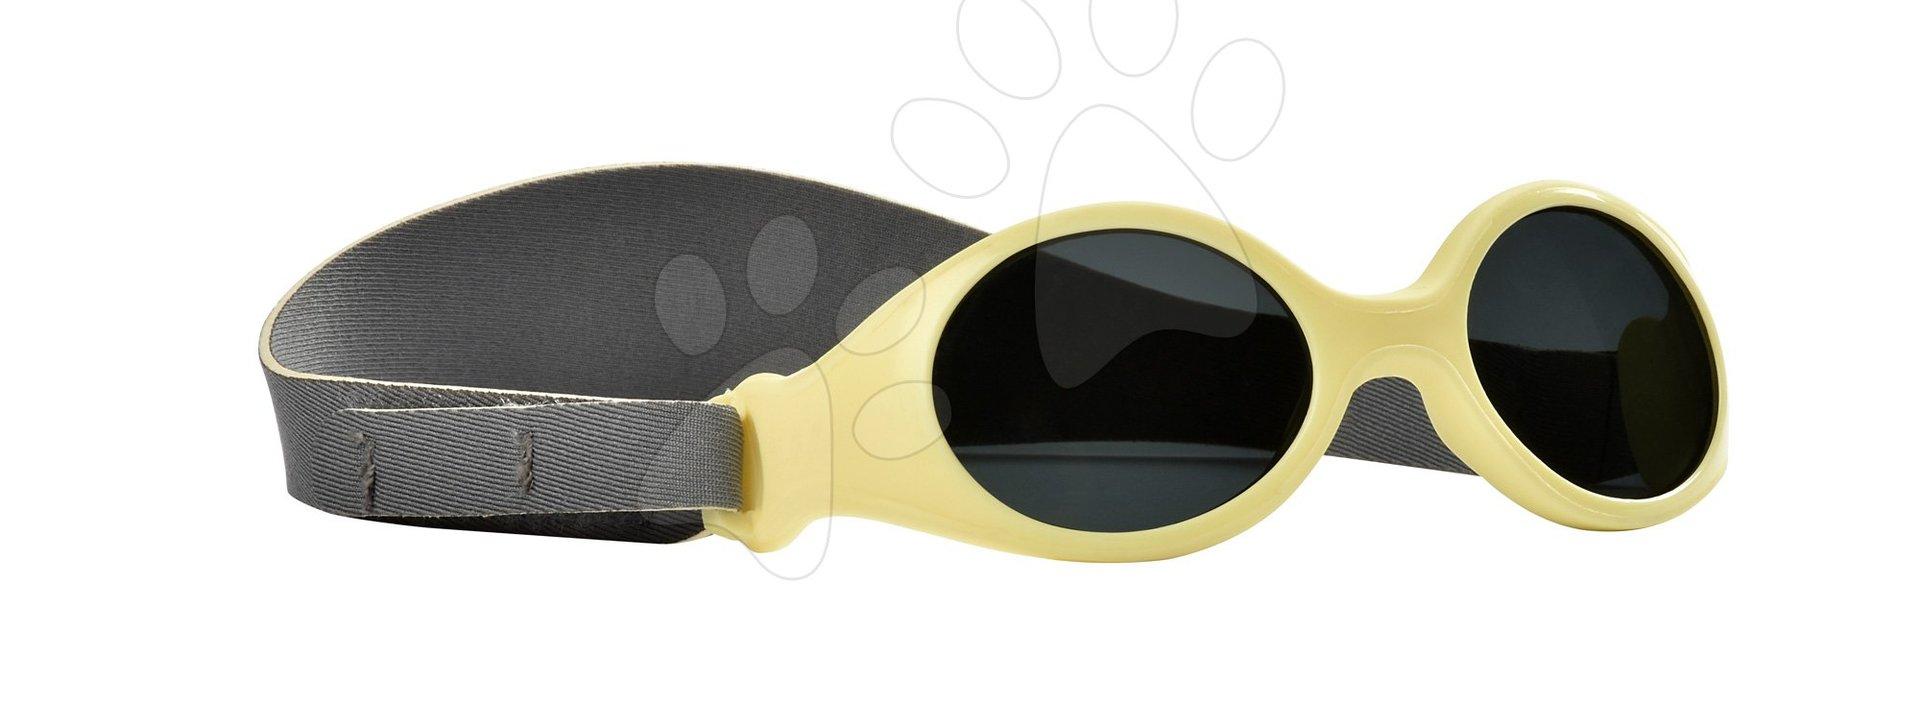 Sluneční brýle pro novorozence Beaba Clip strap XS od 3 měsíců s UV filtrem 4 žluté